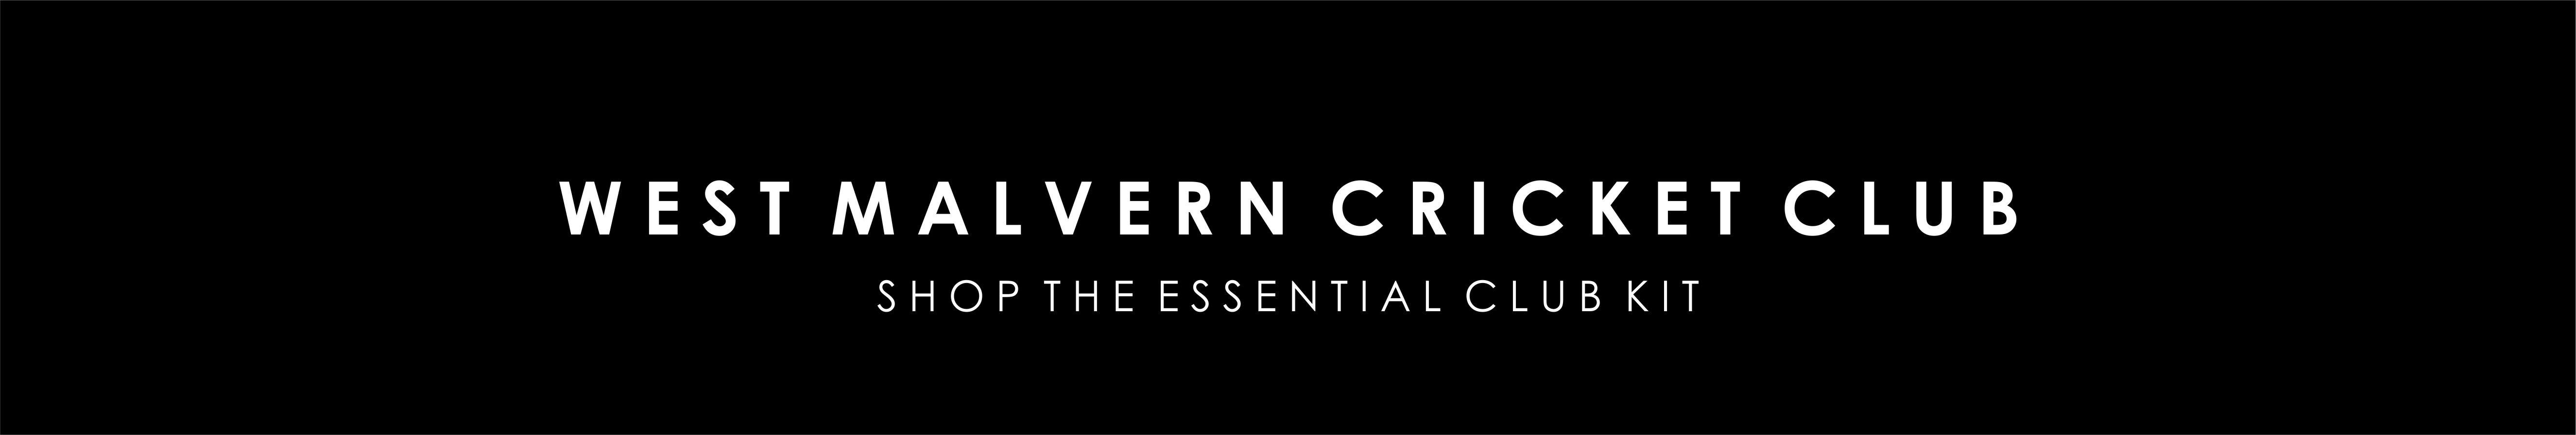 west-malvern-cricket-club-banner.jpg